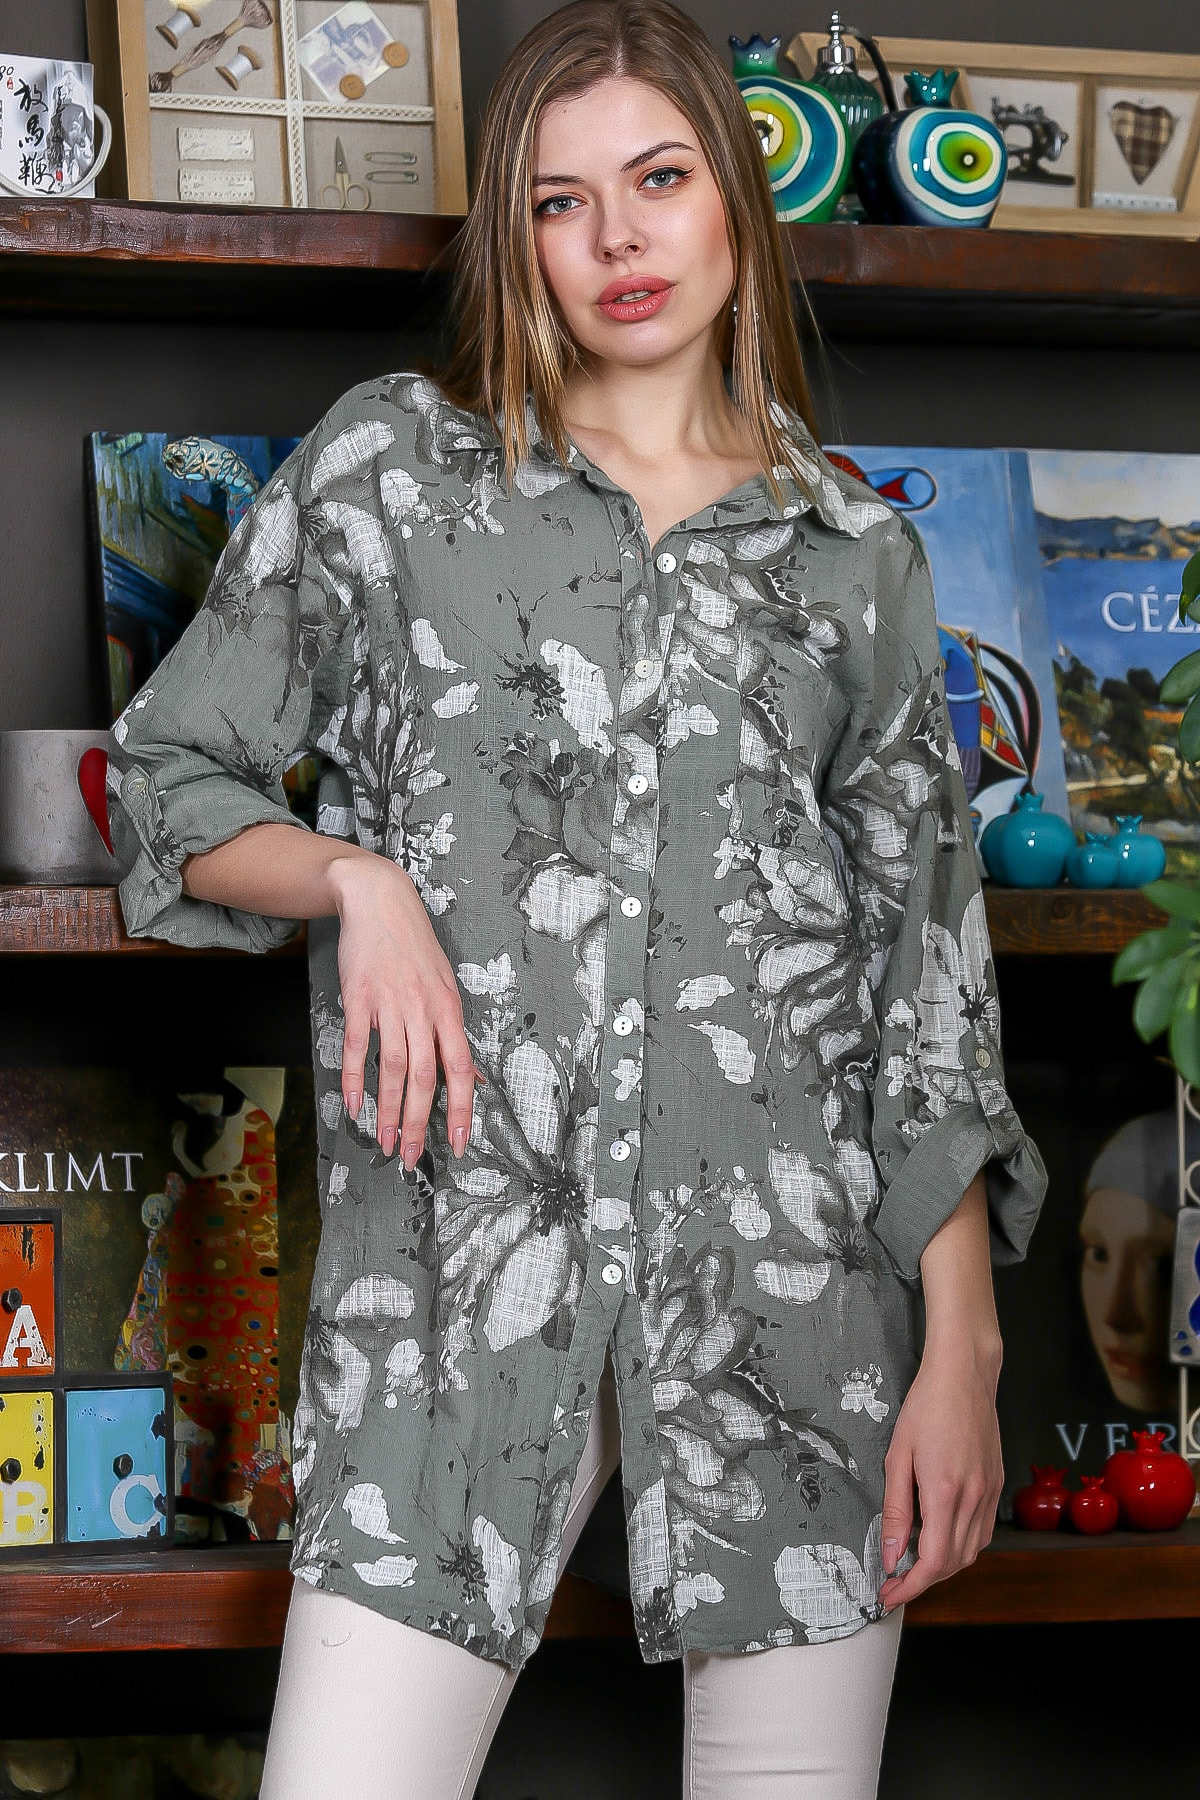 Chiccy Kadın Yeşil İtalyan Çiçek Desenli 3/4 Kol Ayarlı Yanı Yırtmaçlı Tunik Gömlek M10010400GM99439 1